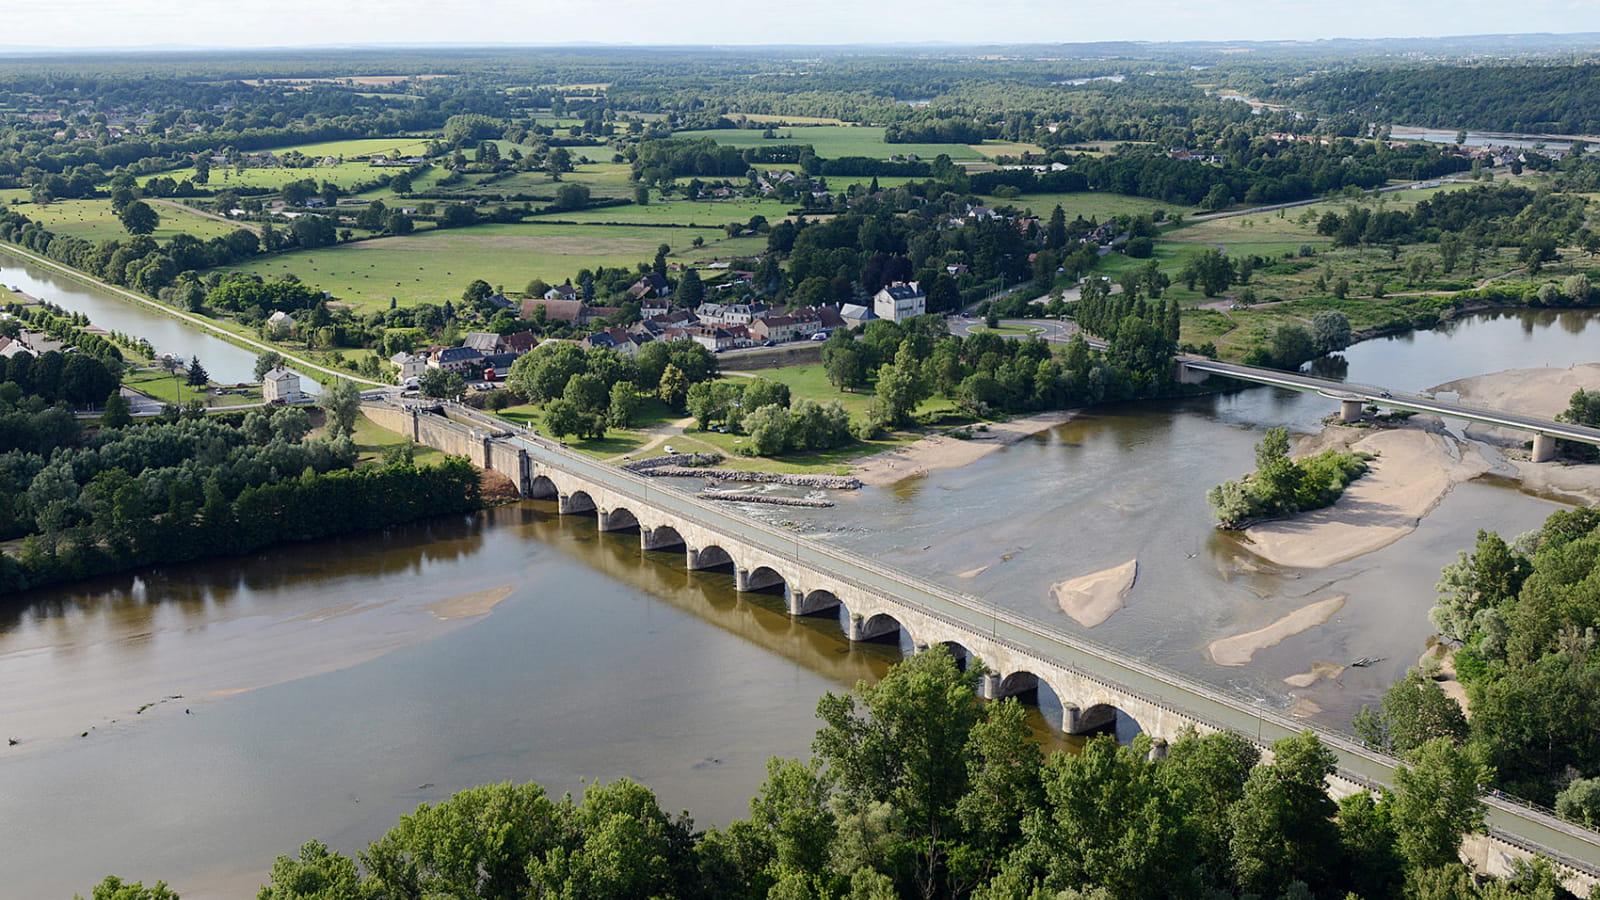 Le pont-canal du Guétin près de Nevers